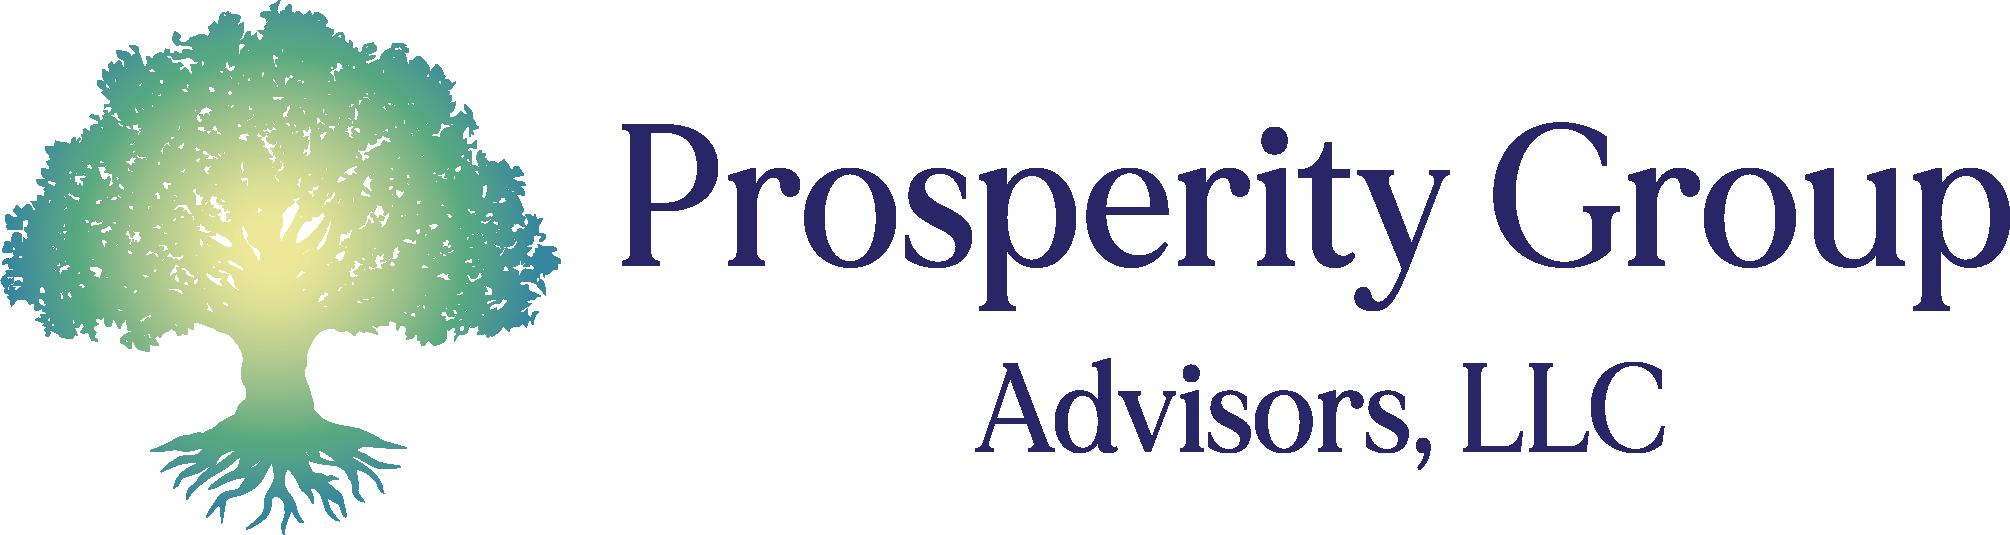 Prosperity Group Advisors